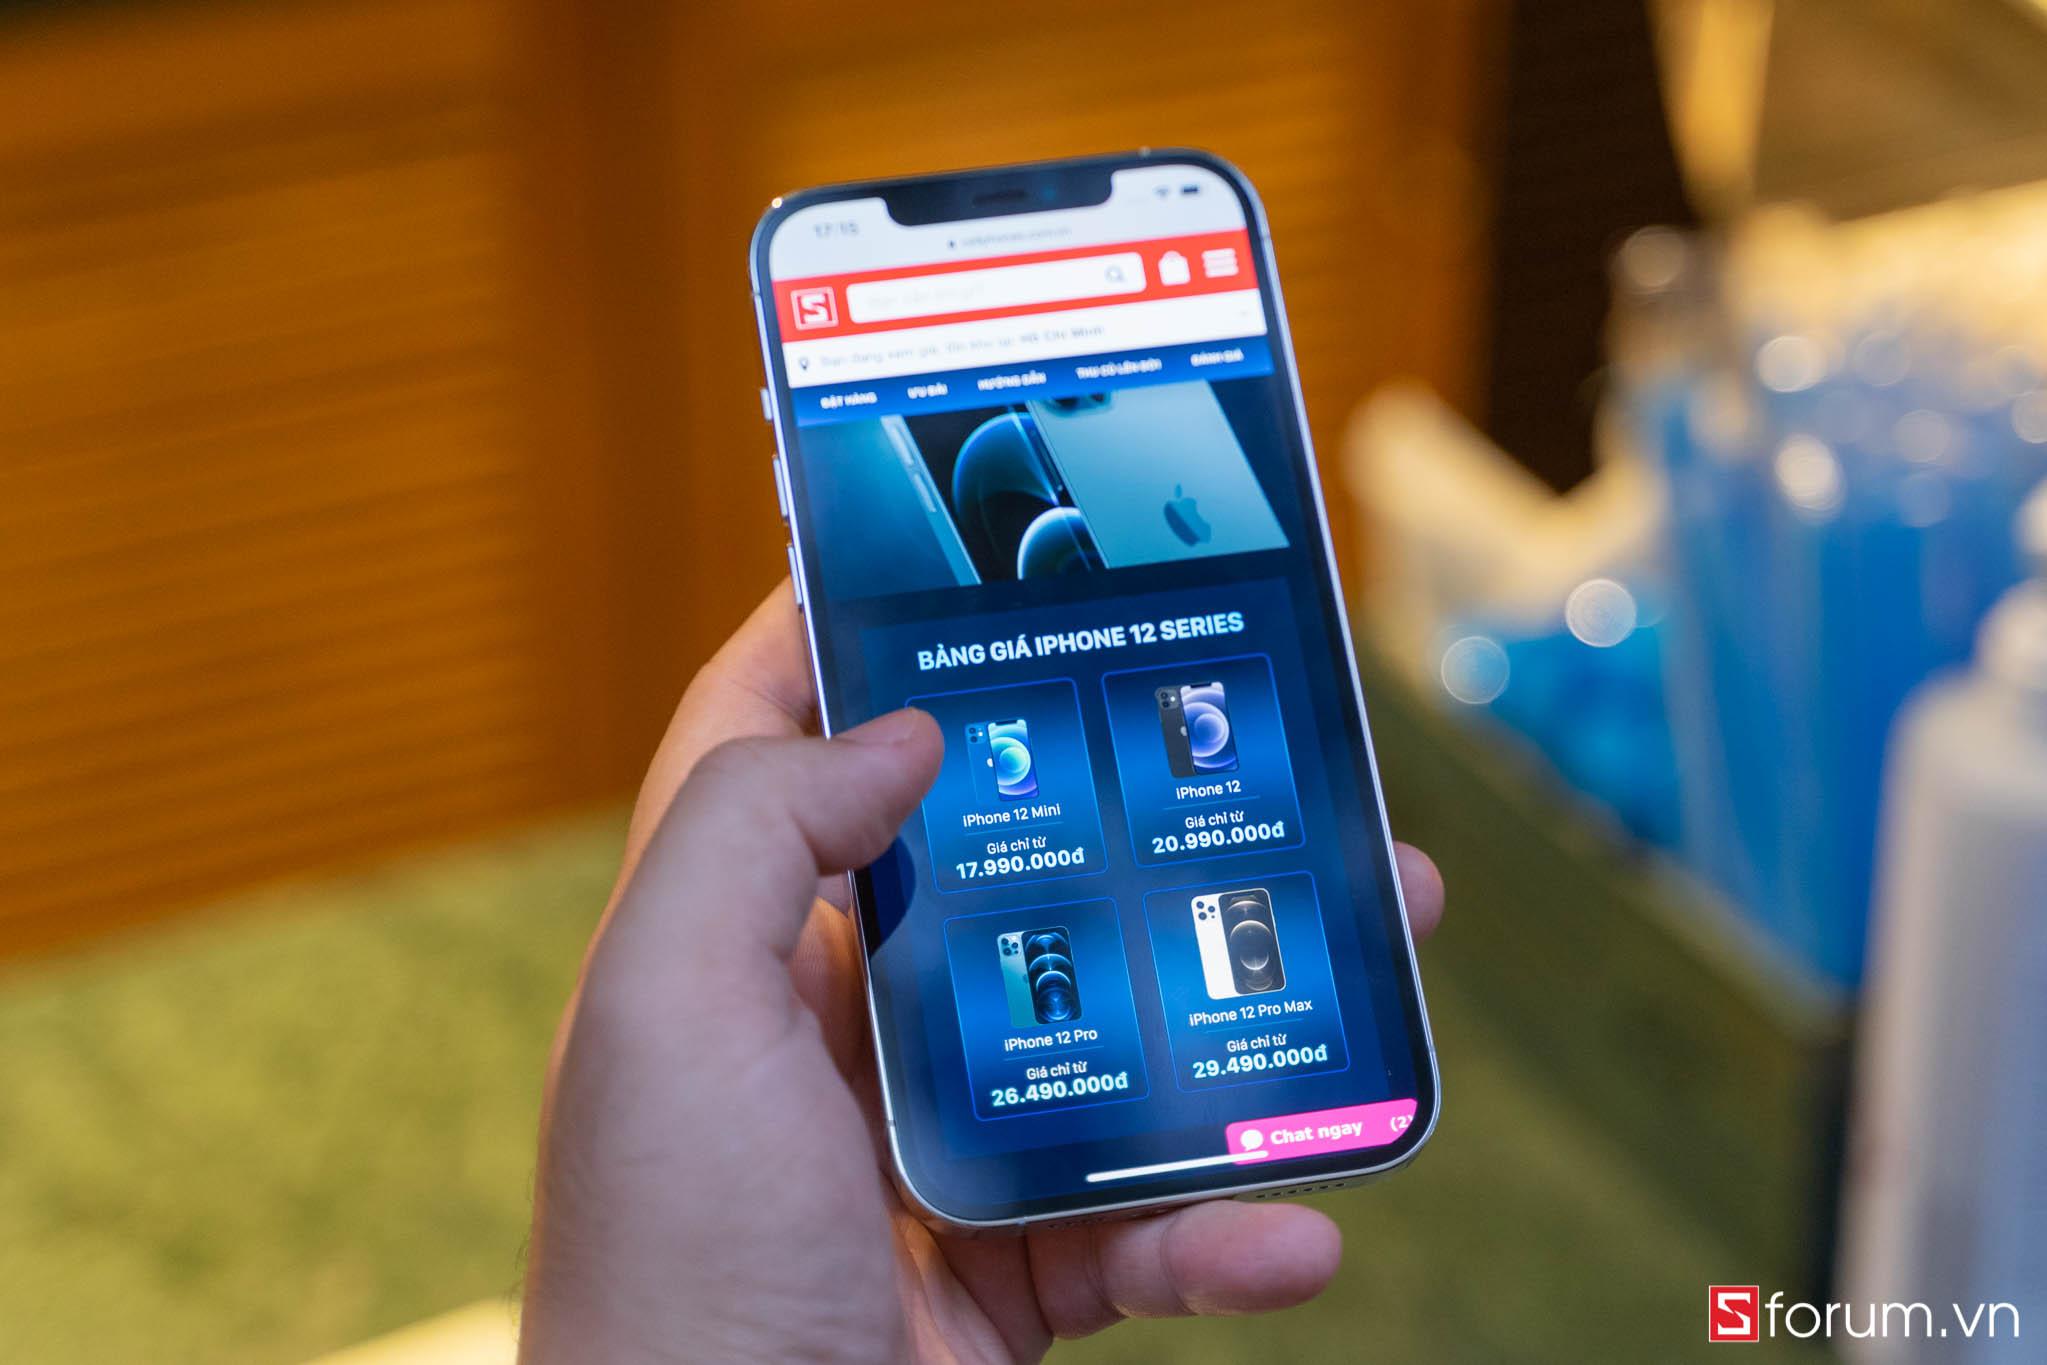 Sforum - Trang thông tin công nghệ mới nhất iPhone-12-pro-max-logo-13 Đánh giá iPhone 12 Pro Max: Thiết kế sang trọng, cấu hình mạnh mẽ cùng camera ấn tượng